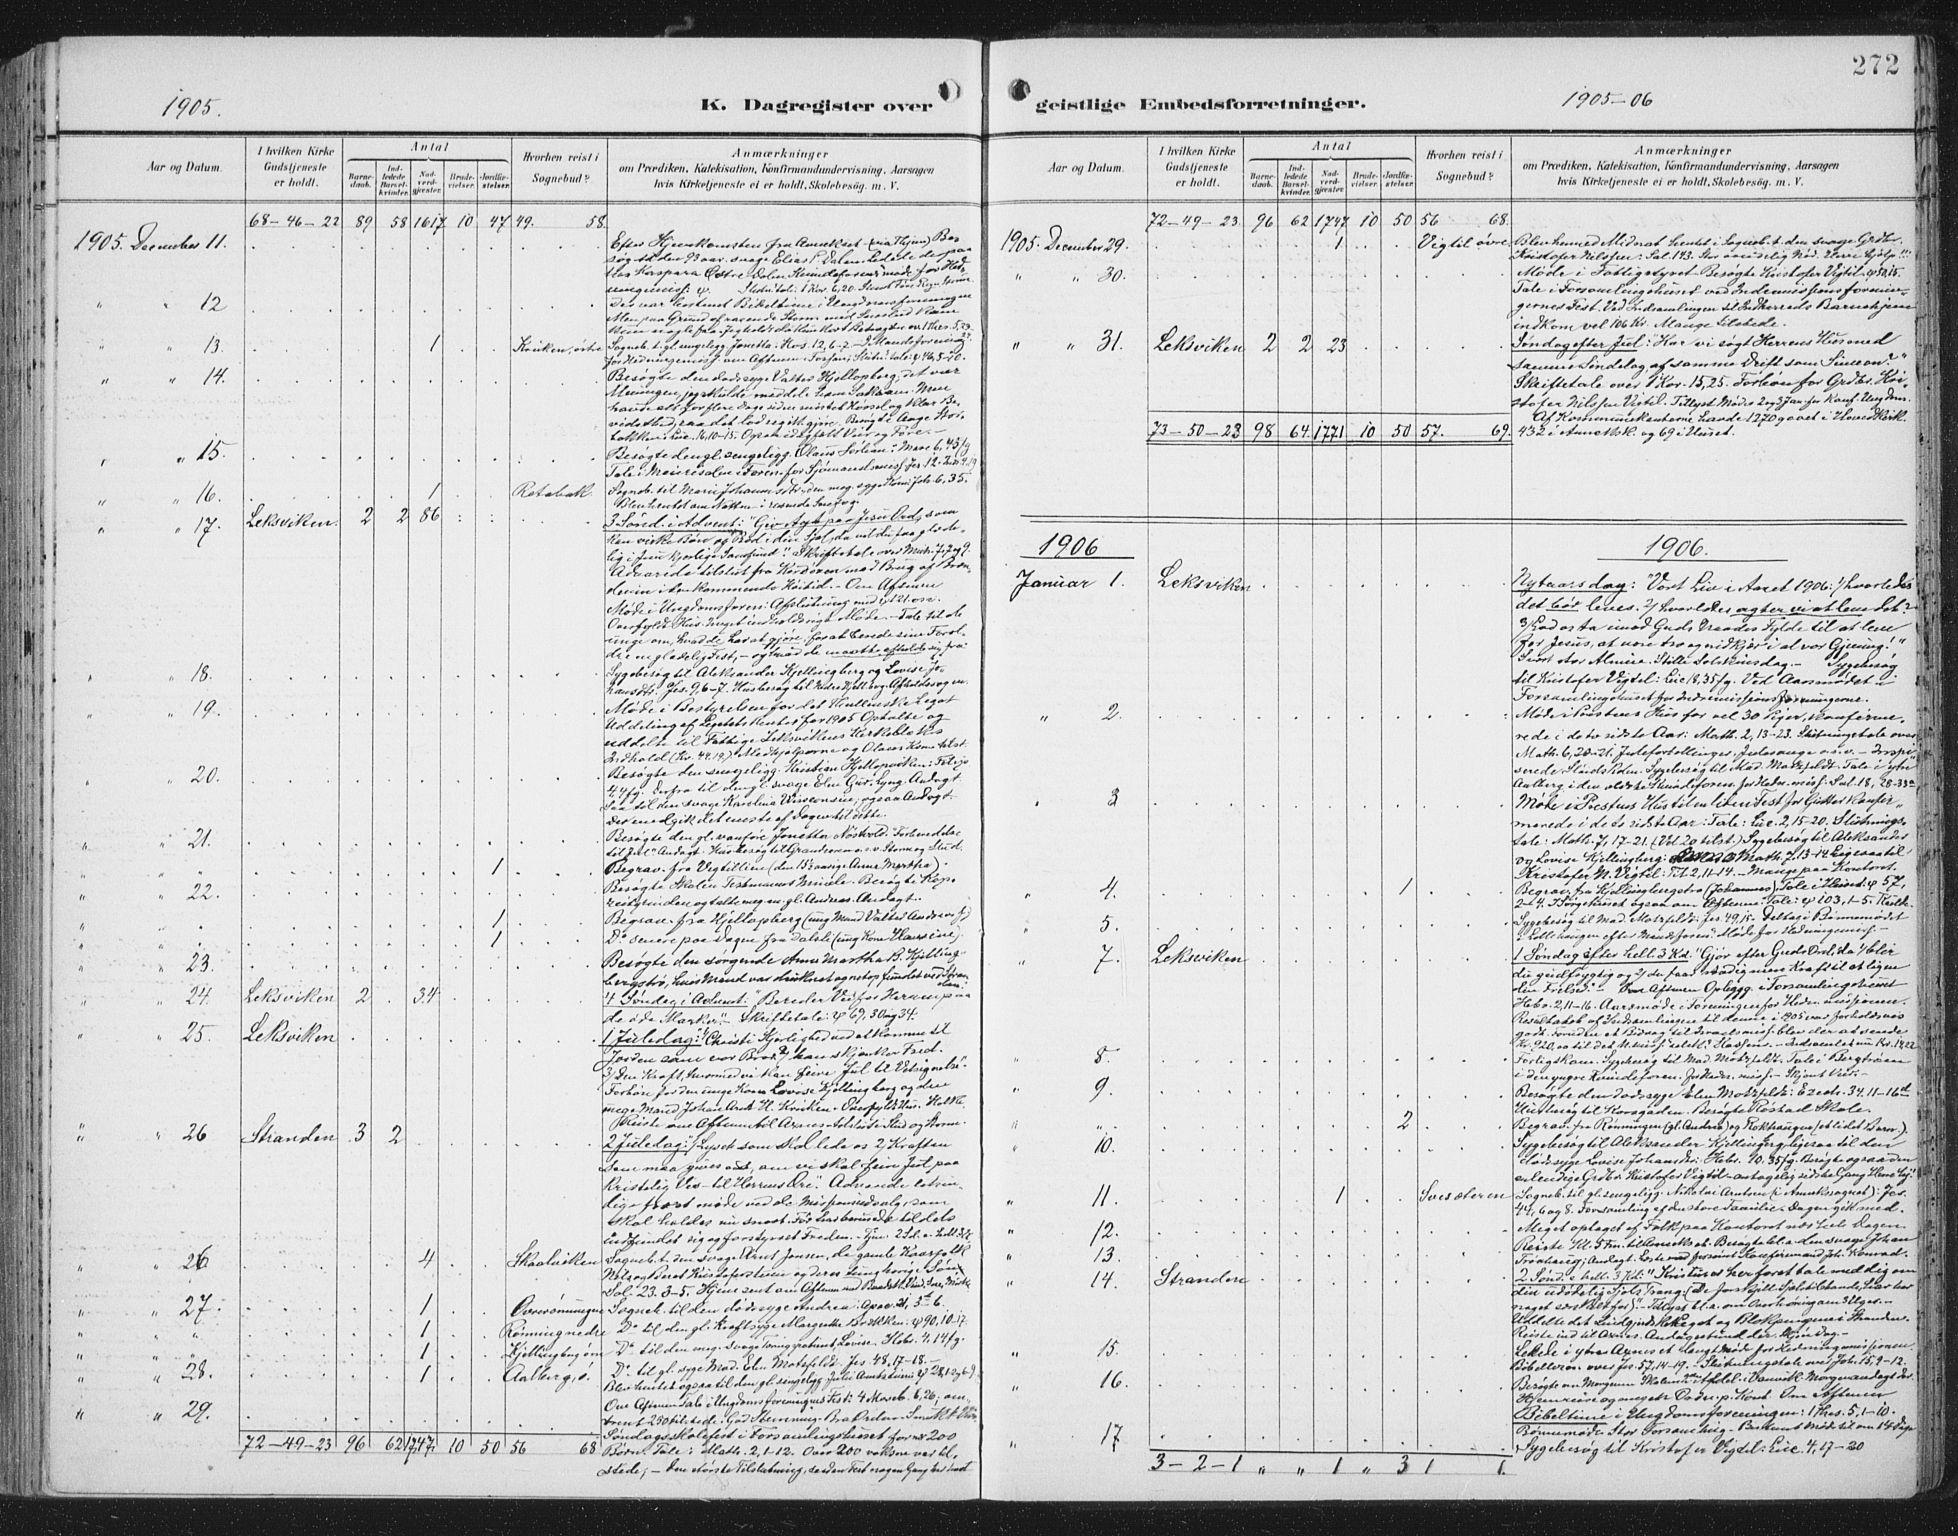 SAT, Ministerialprotokoller, klokkerbøker og fødselsregistre - Nord-Trøndelag, 701/L0011: Ministerialbok nr. 701A11, 1899-1915, s. 272